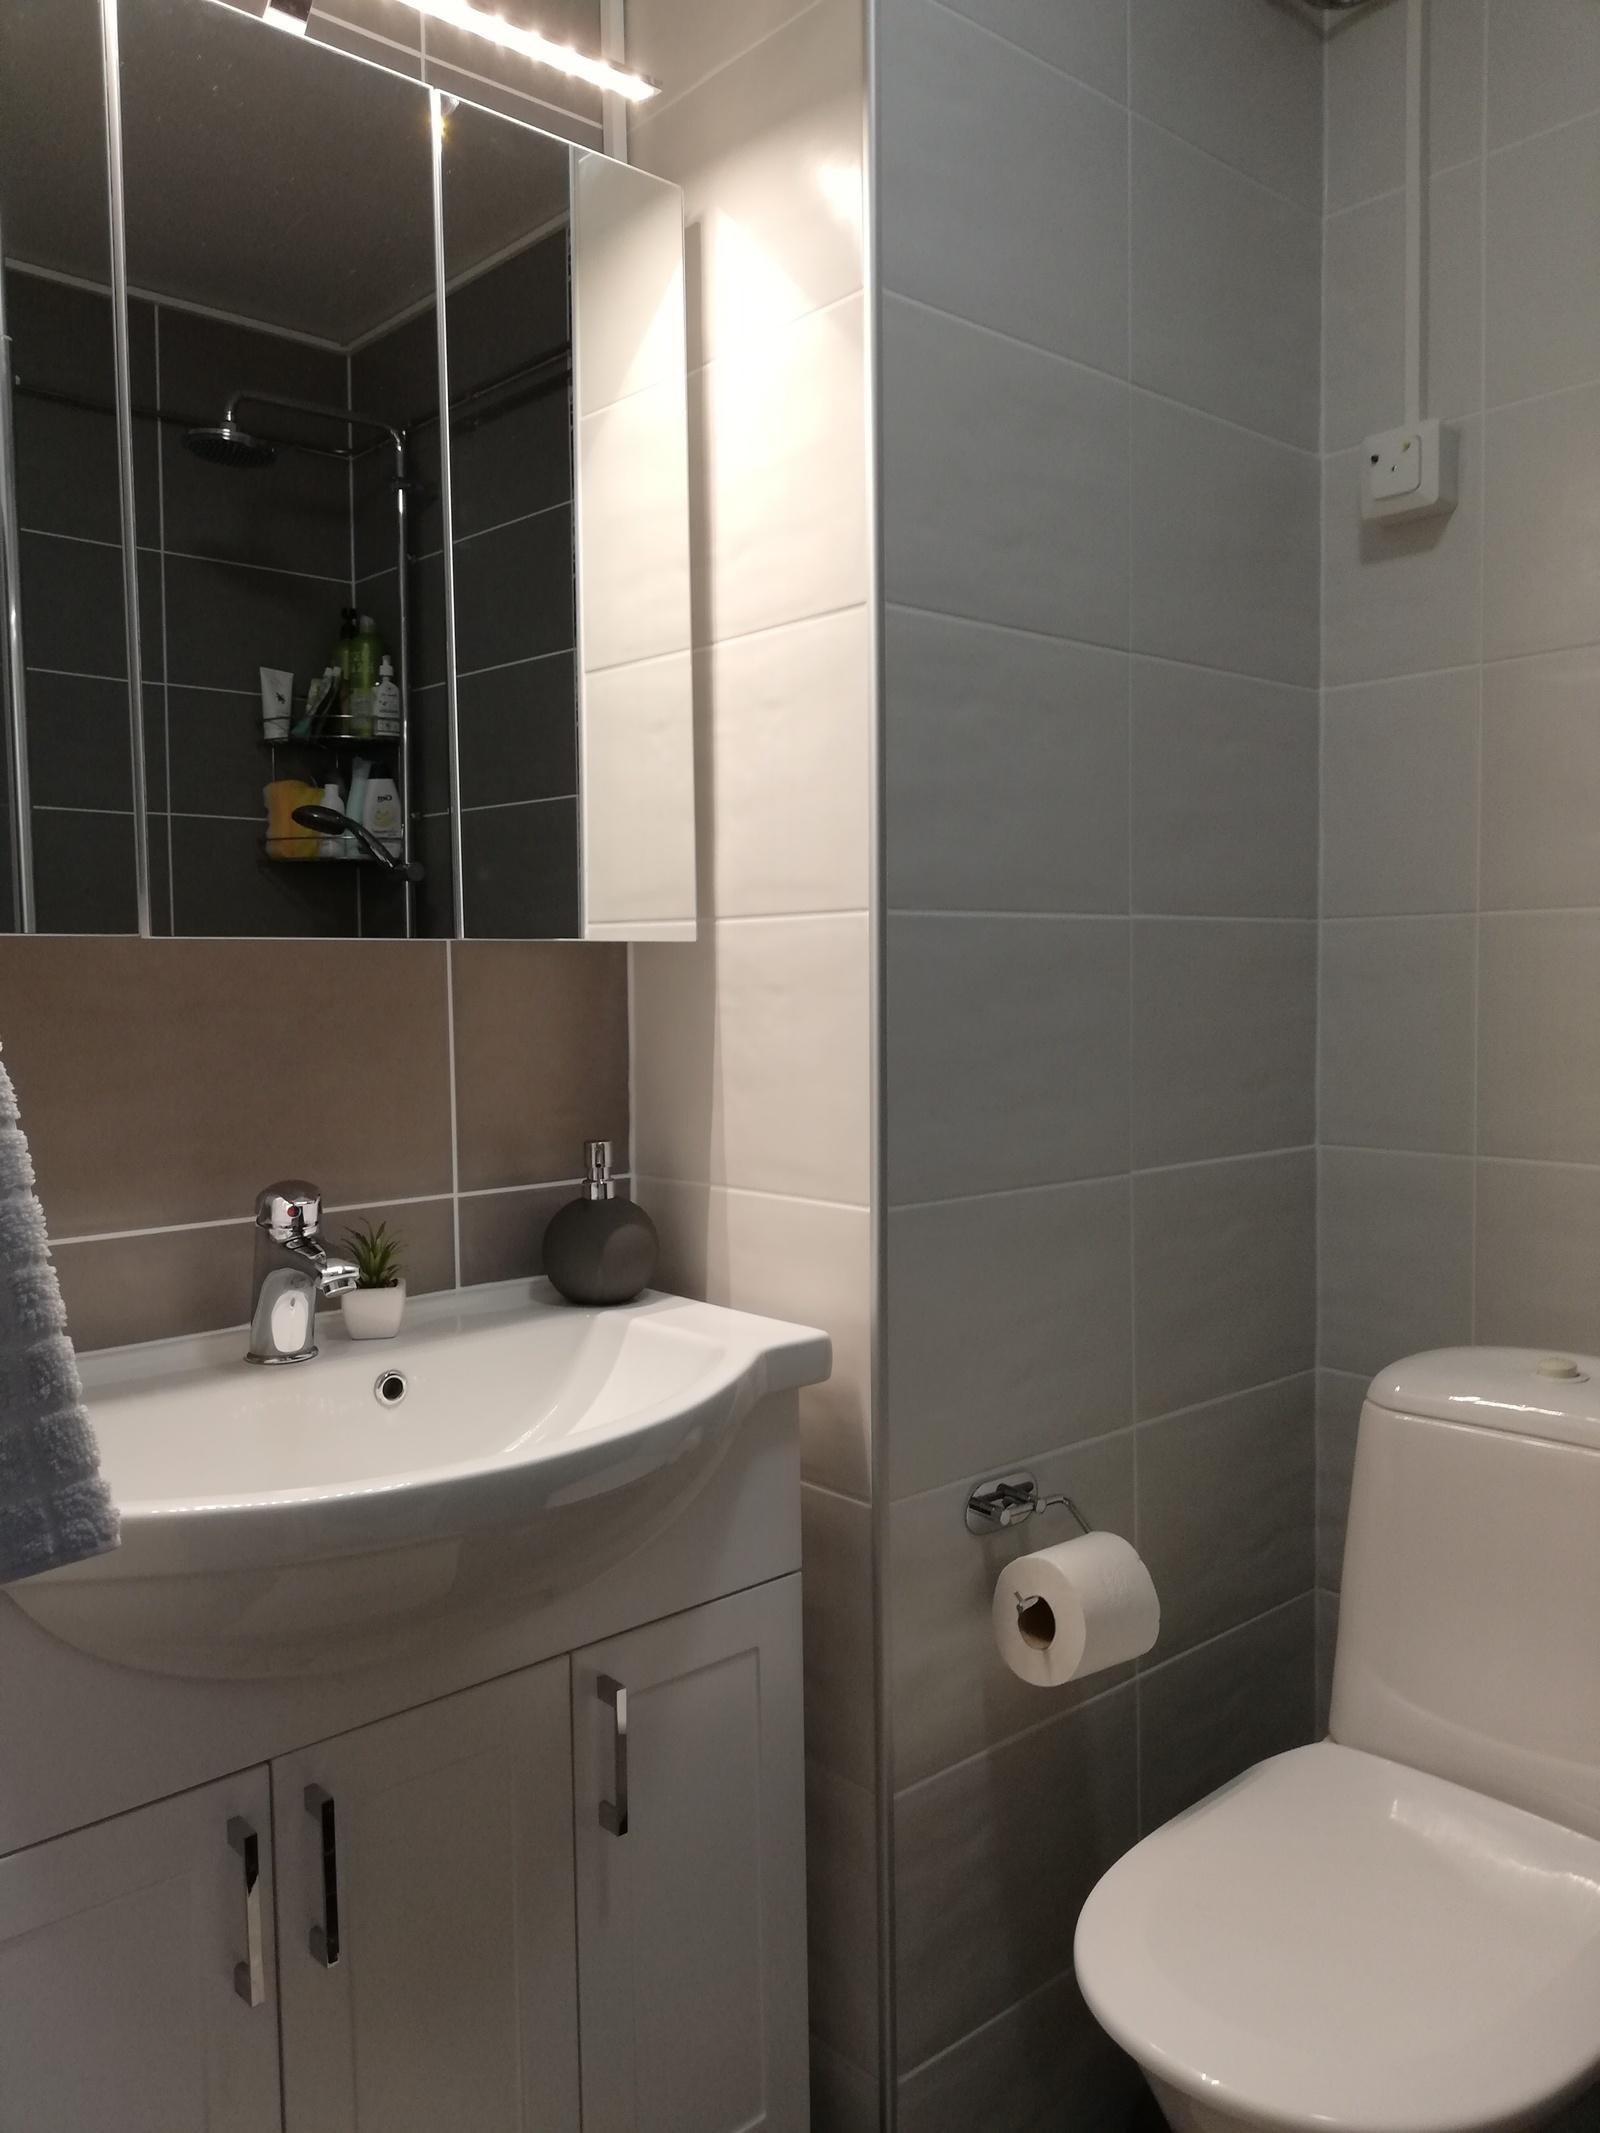 Kylpyhuoneen kaapisto